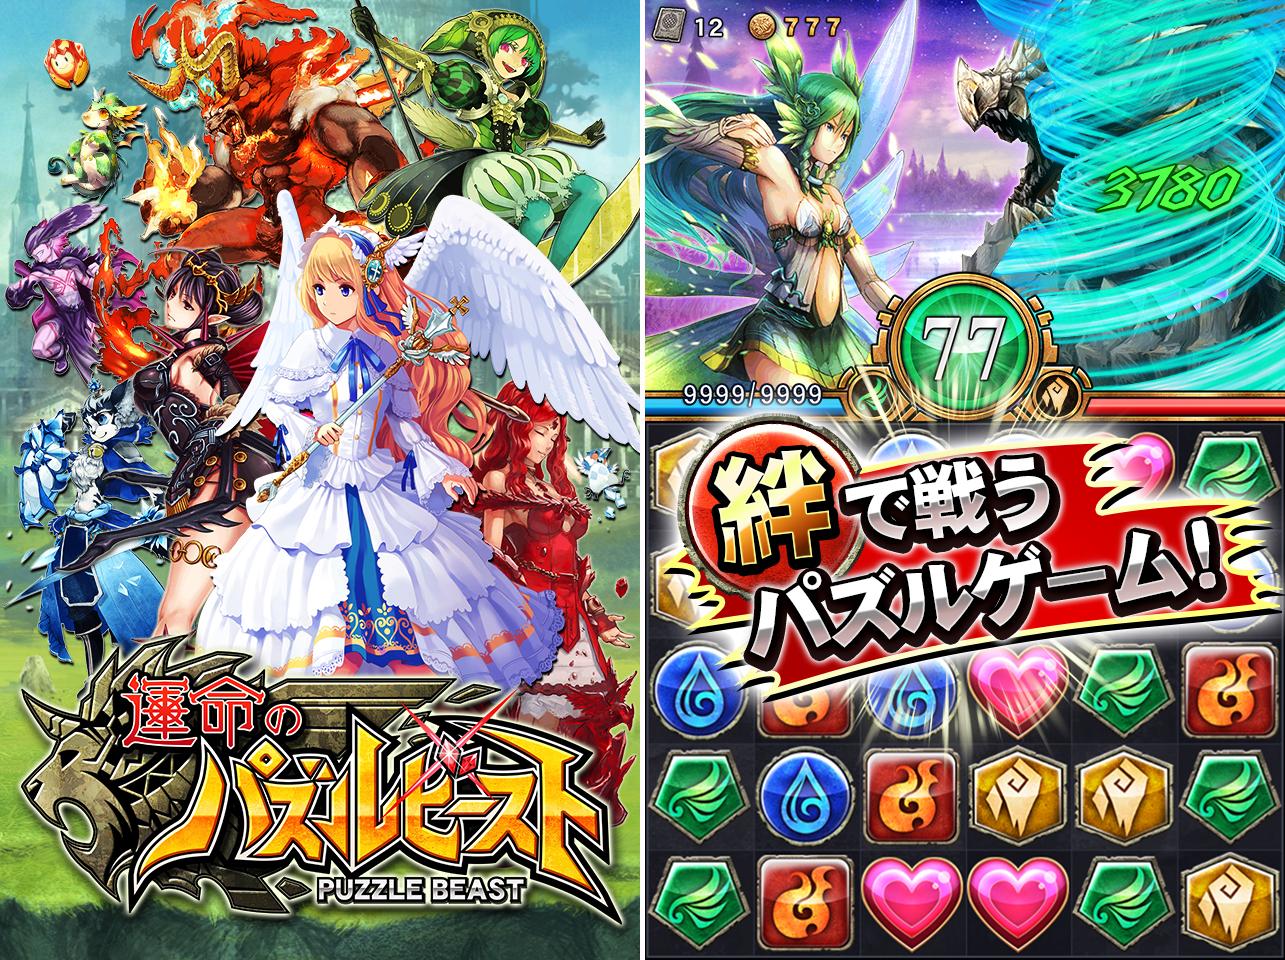 ポケラボとセガ、「運命シリーズ」第2弾となるiOS向けソーシャルゲームアプリ「運命のパズルビースト」をリリース1